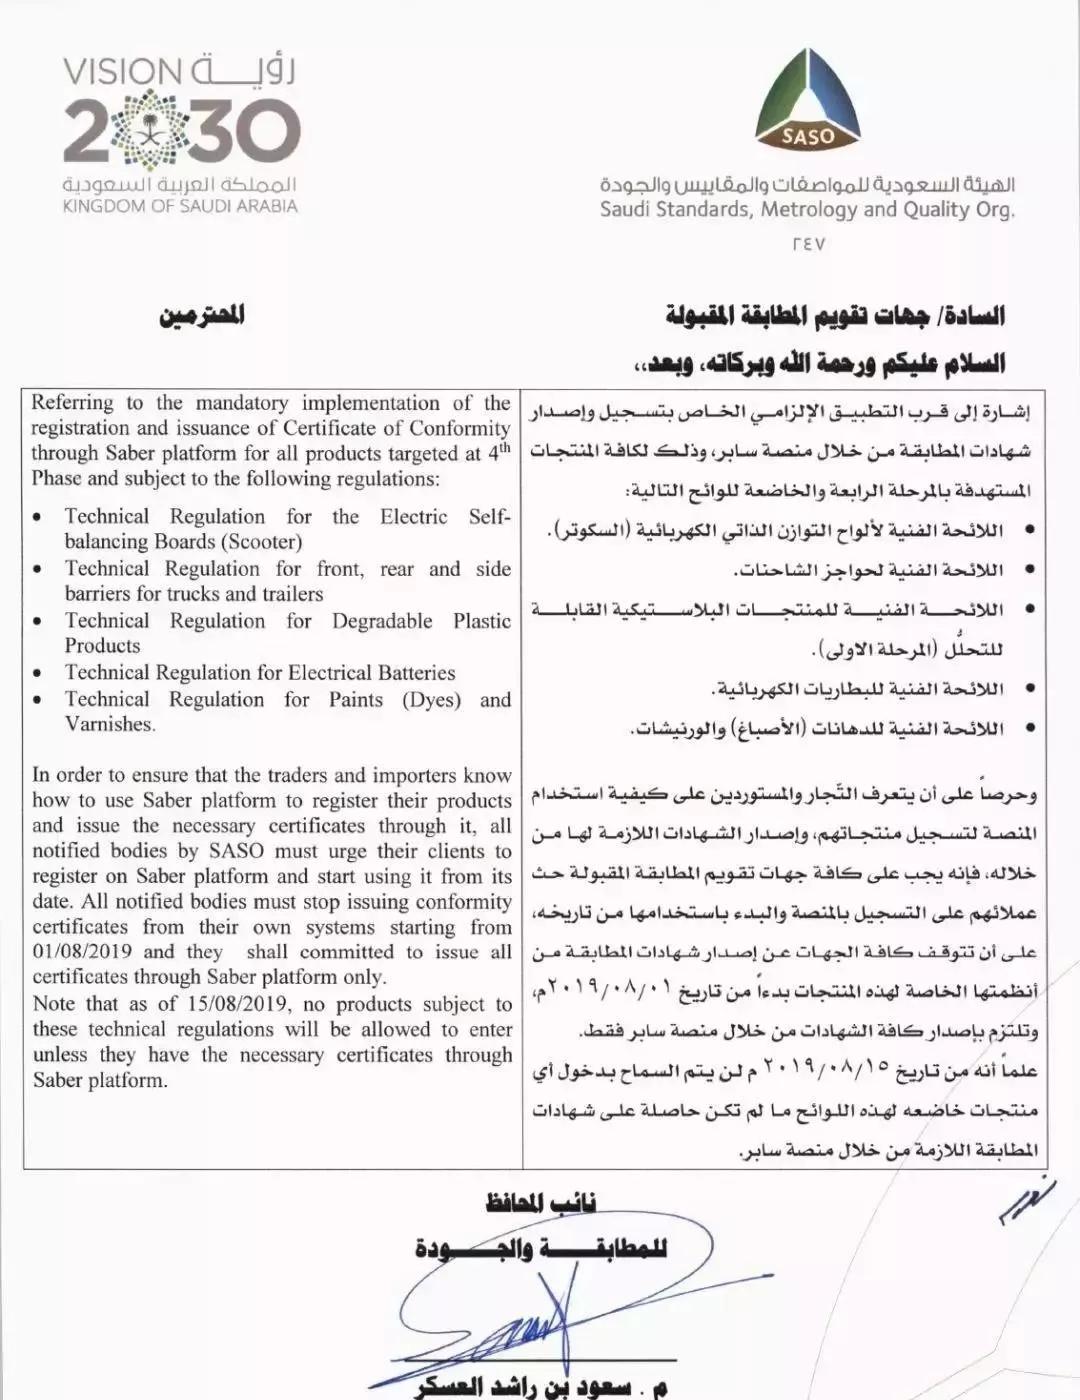 沙特阿拉伯标准组织SASO发布公告